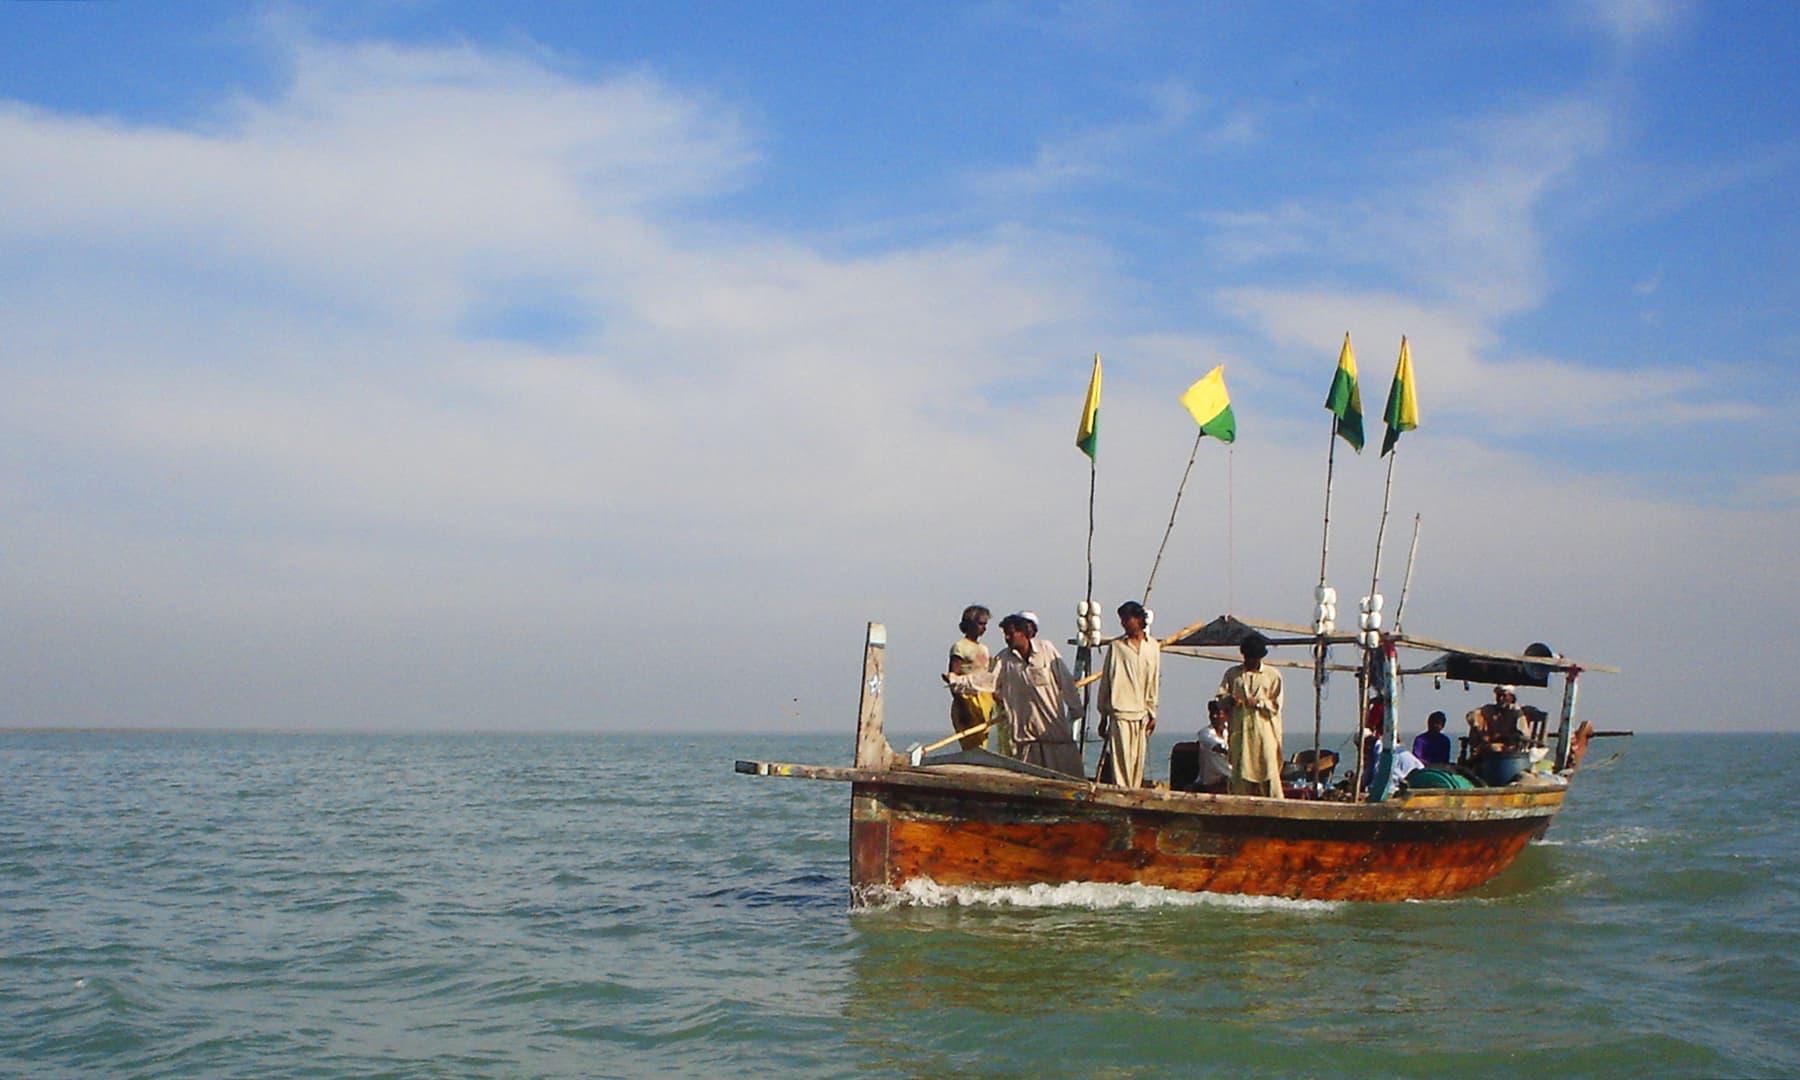 2006ء میں کھارو جھان کو جاتی کشتی کی لی گئی ایک تصویر